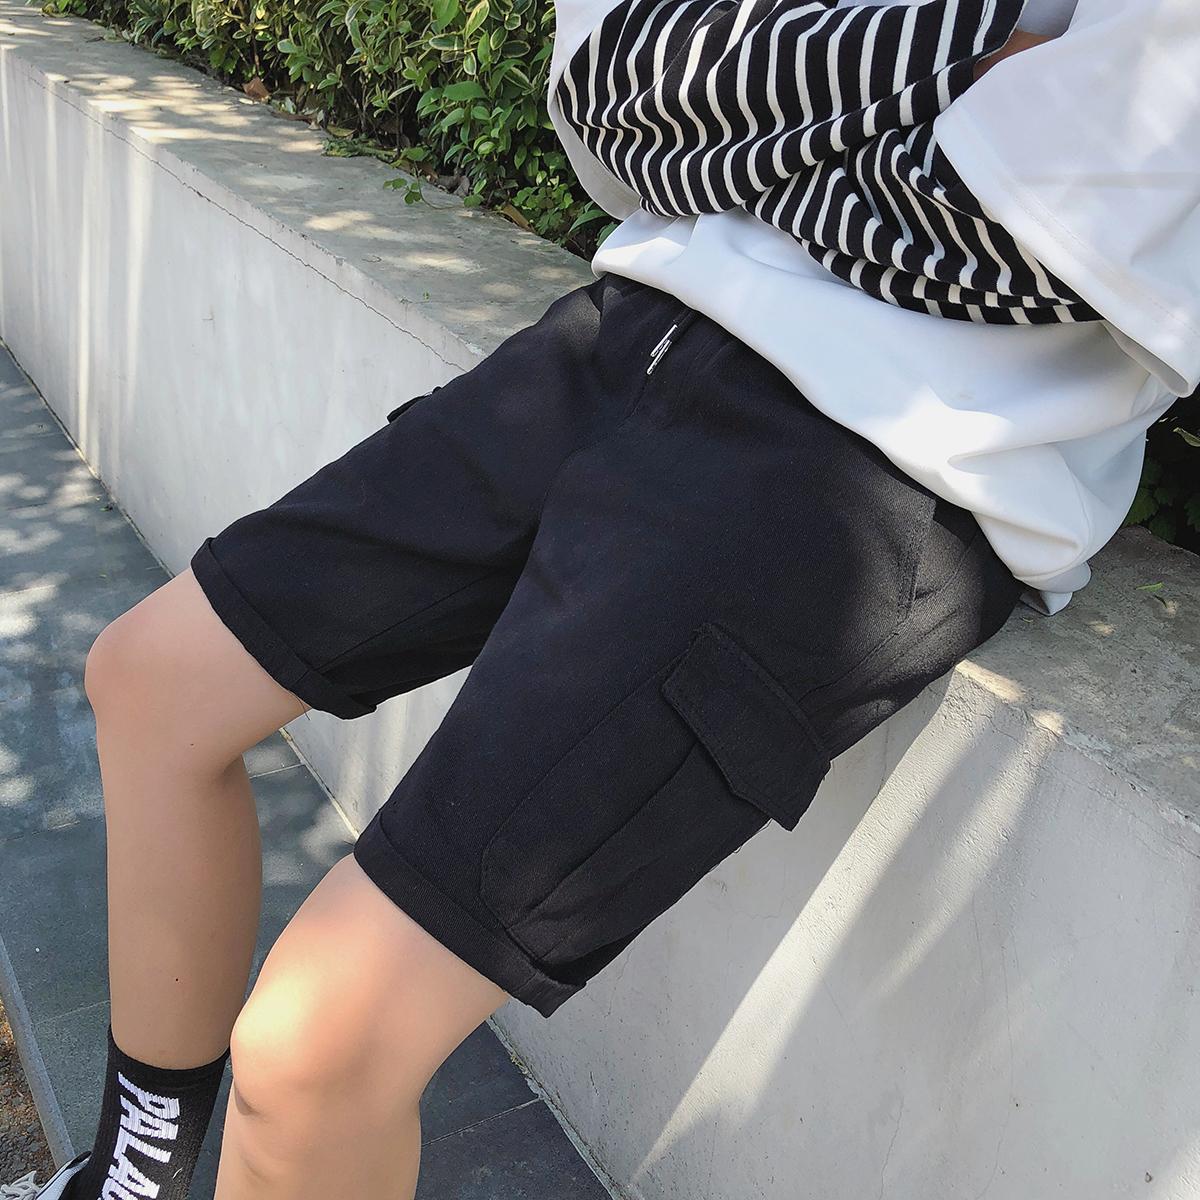 夏季林弯弯LES帅T韩版潮牌工装休闲短裤潮流纯色原宿男五分裤